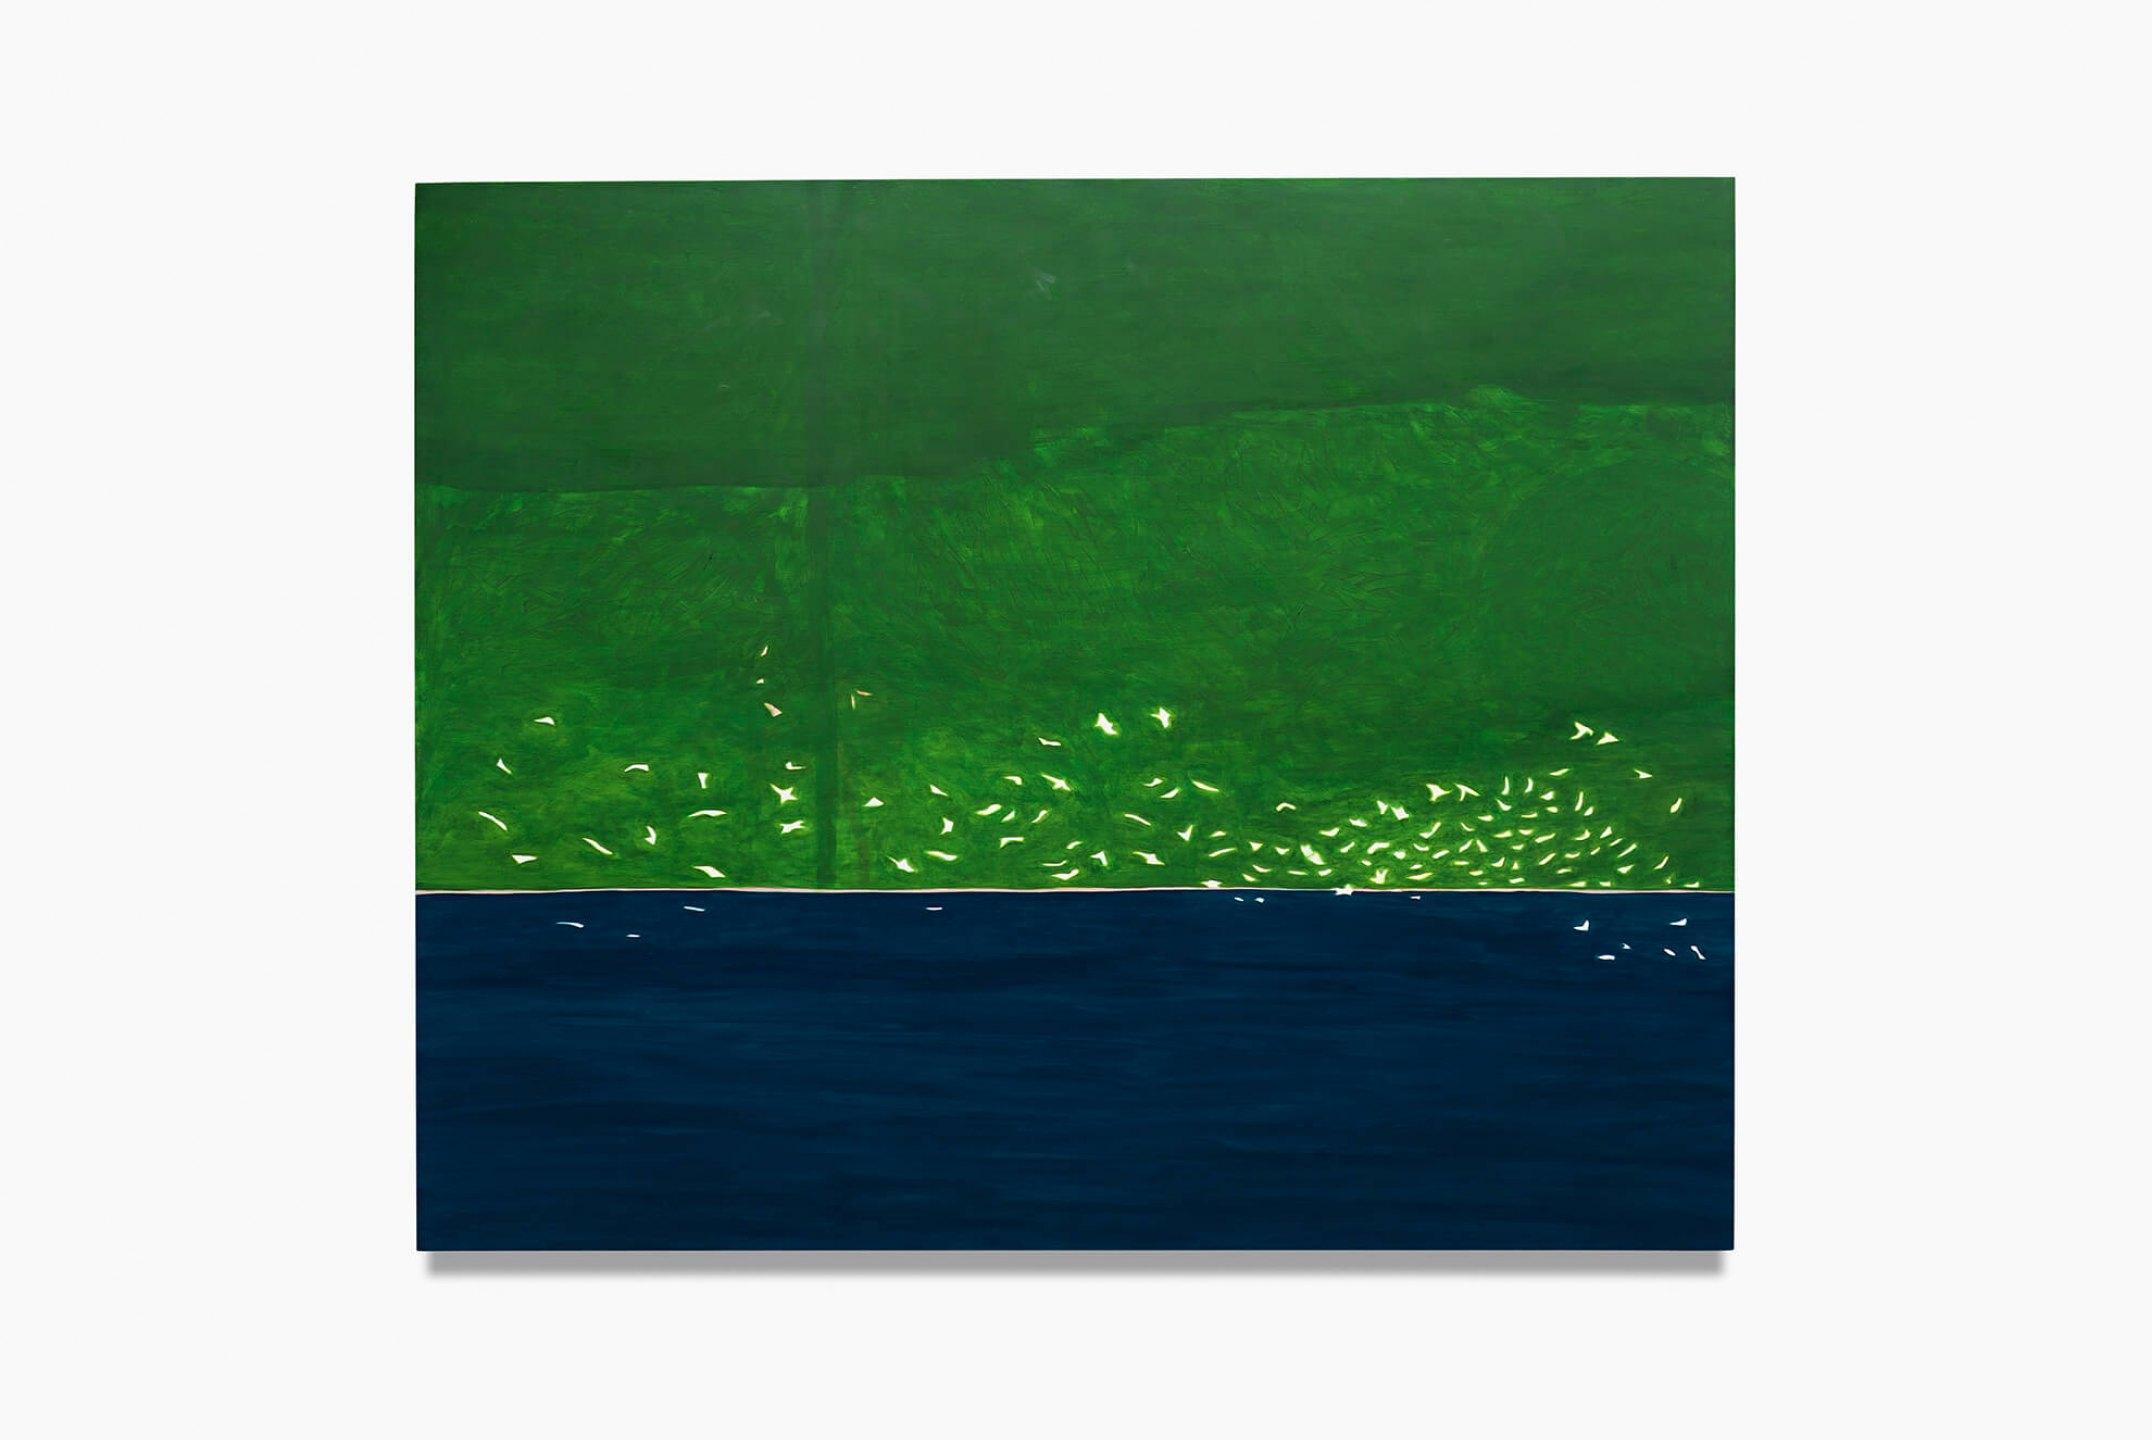 Patricia Leite, <em>Flock</em>, 2014, oil on wood, 160×130 cm - Mendes Wood DM